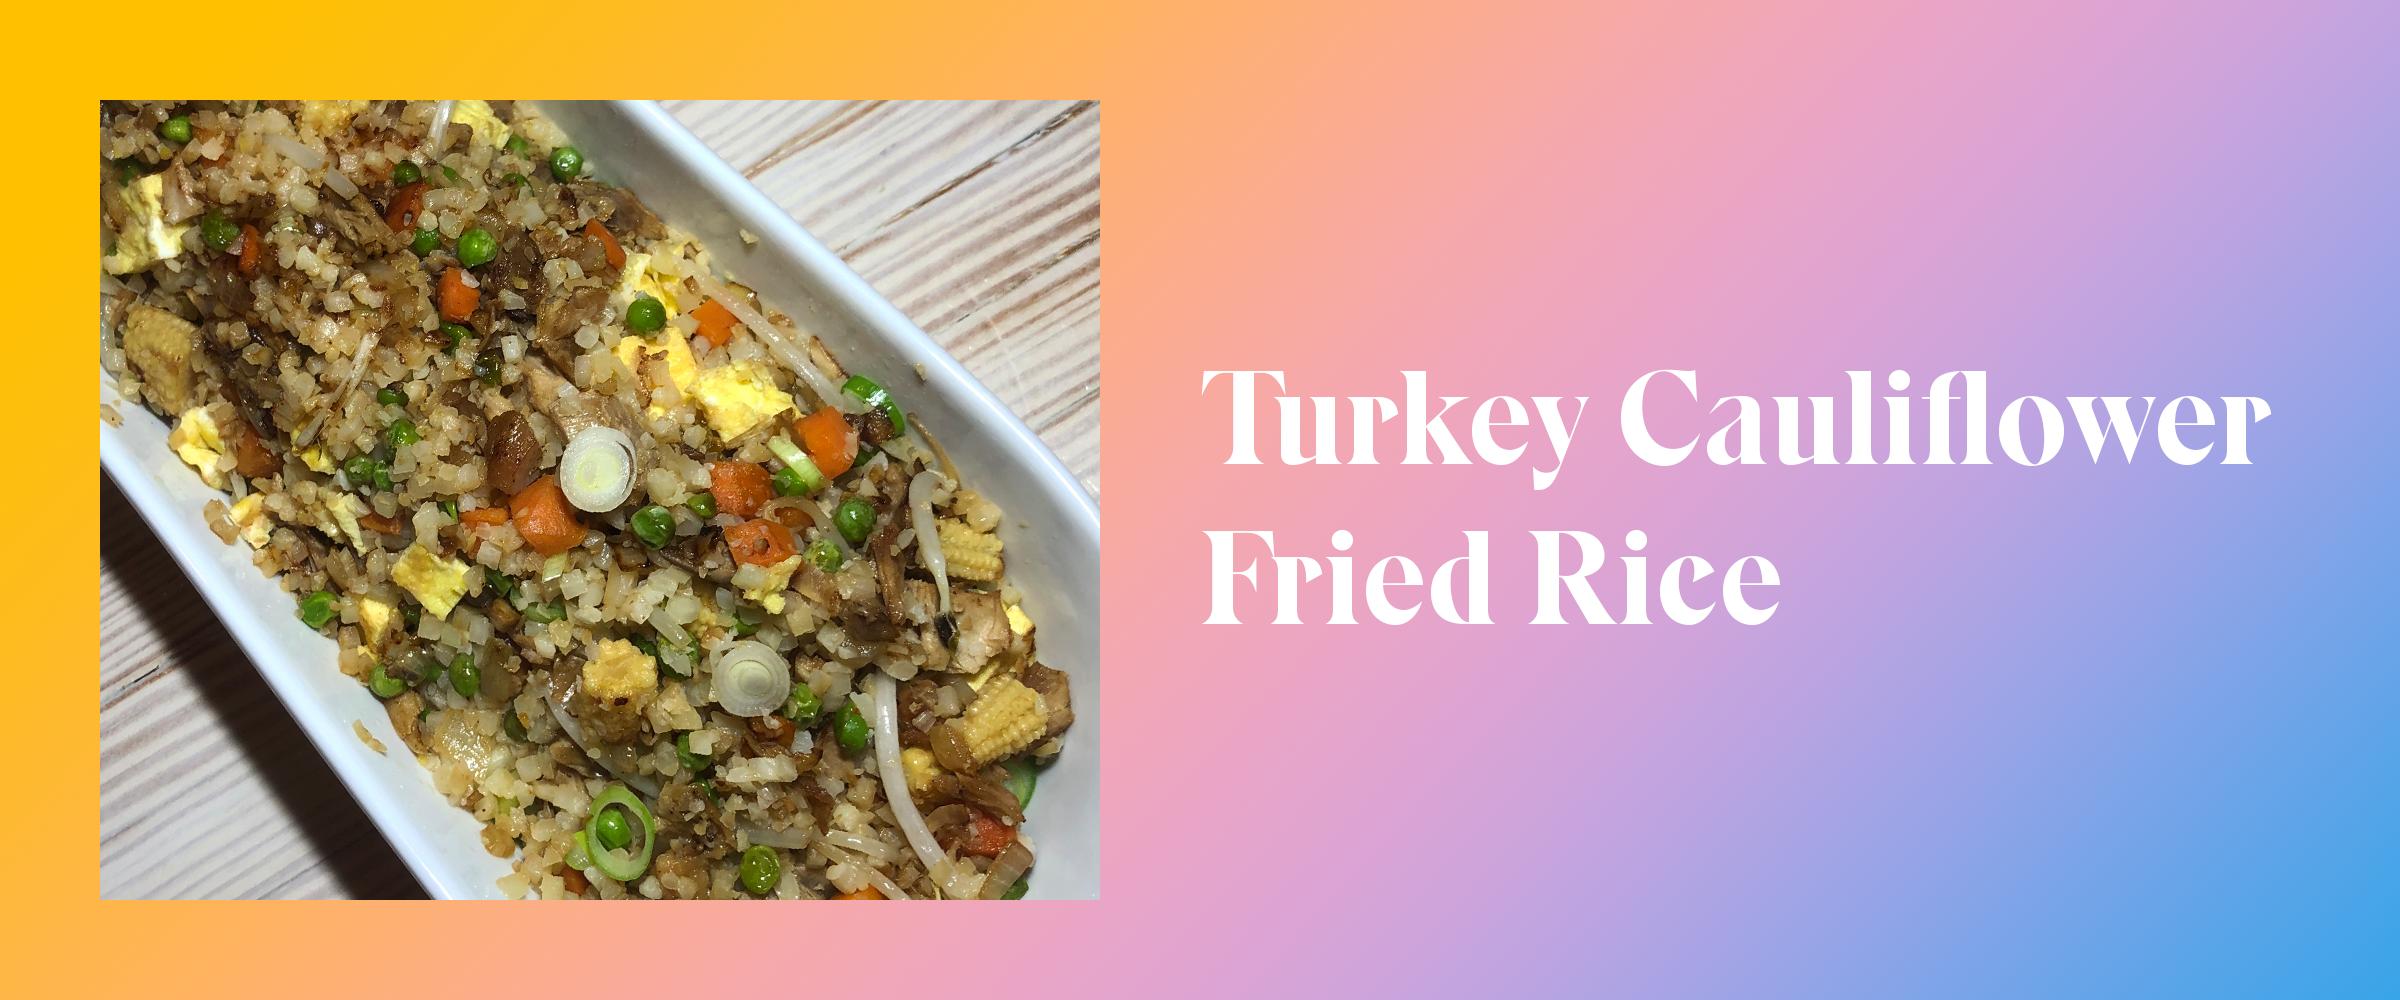 Turkey Cauliflower Fried Rice